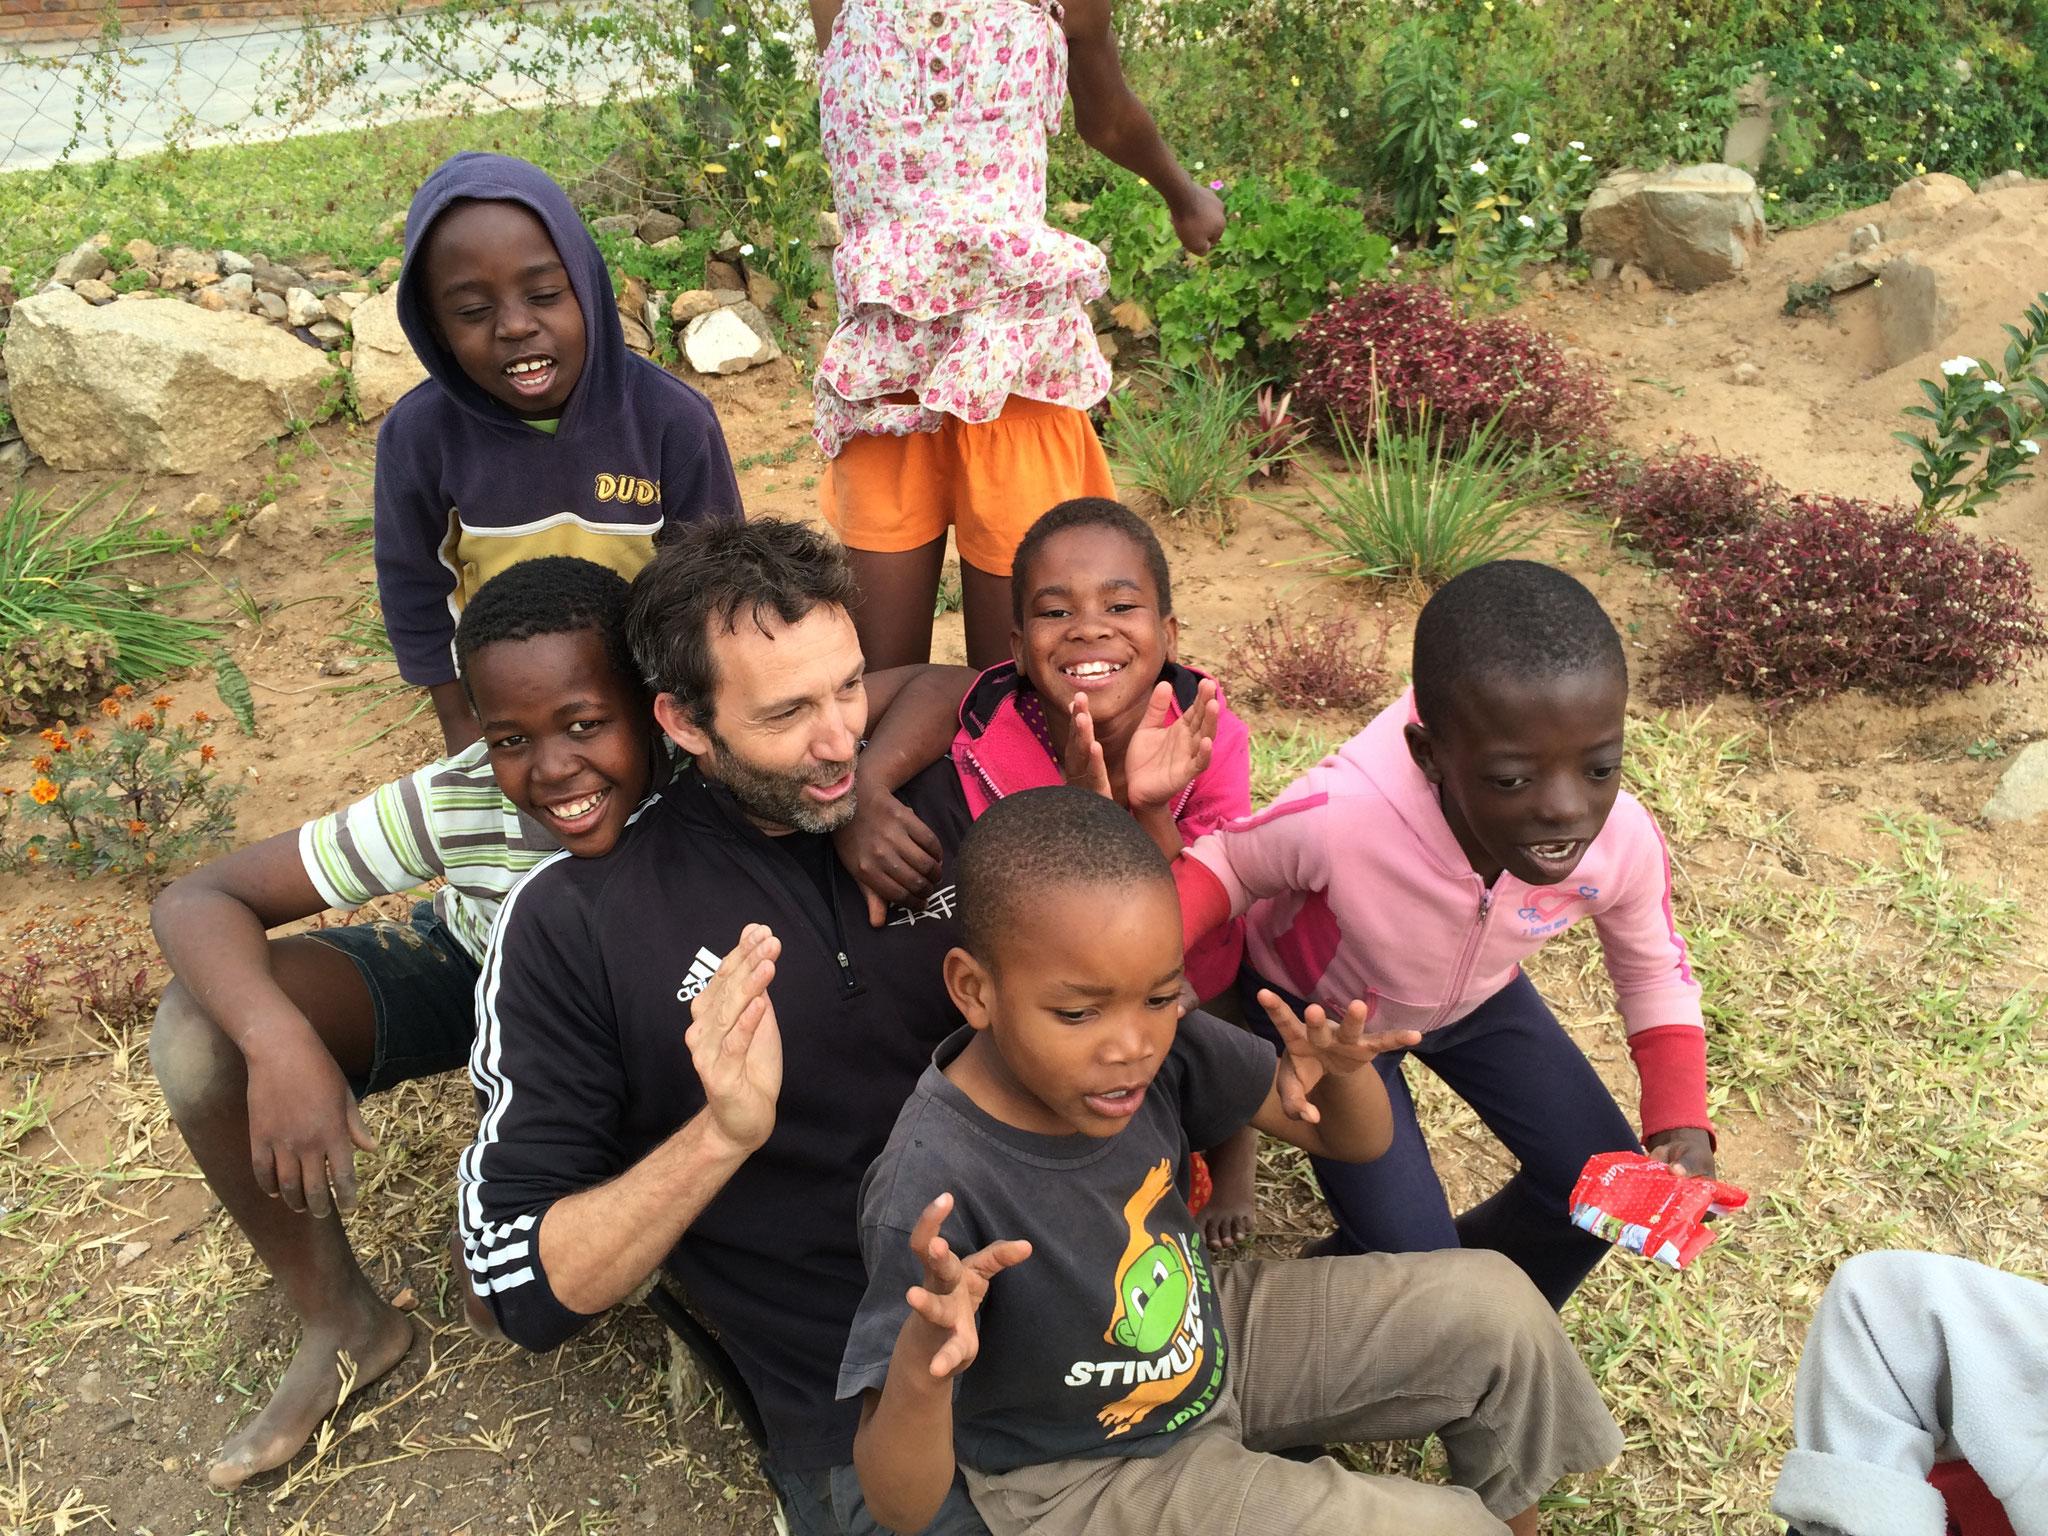 Ruben mit vielen Waisenkindern